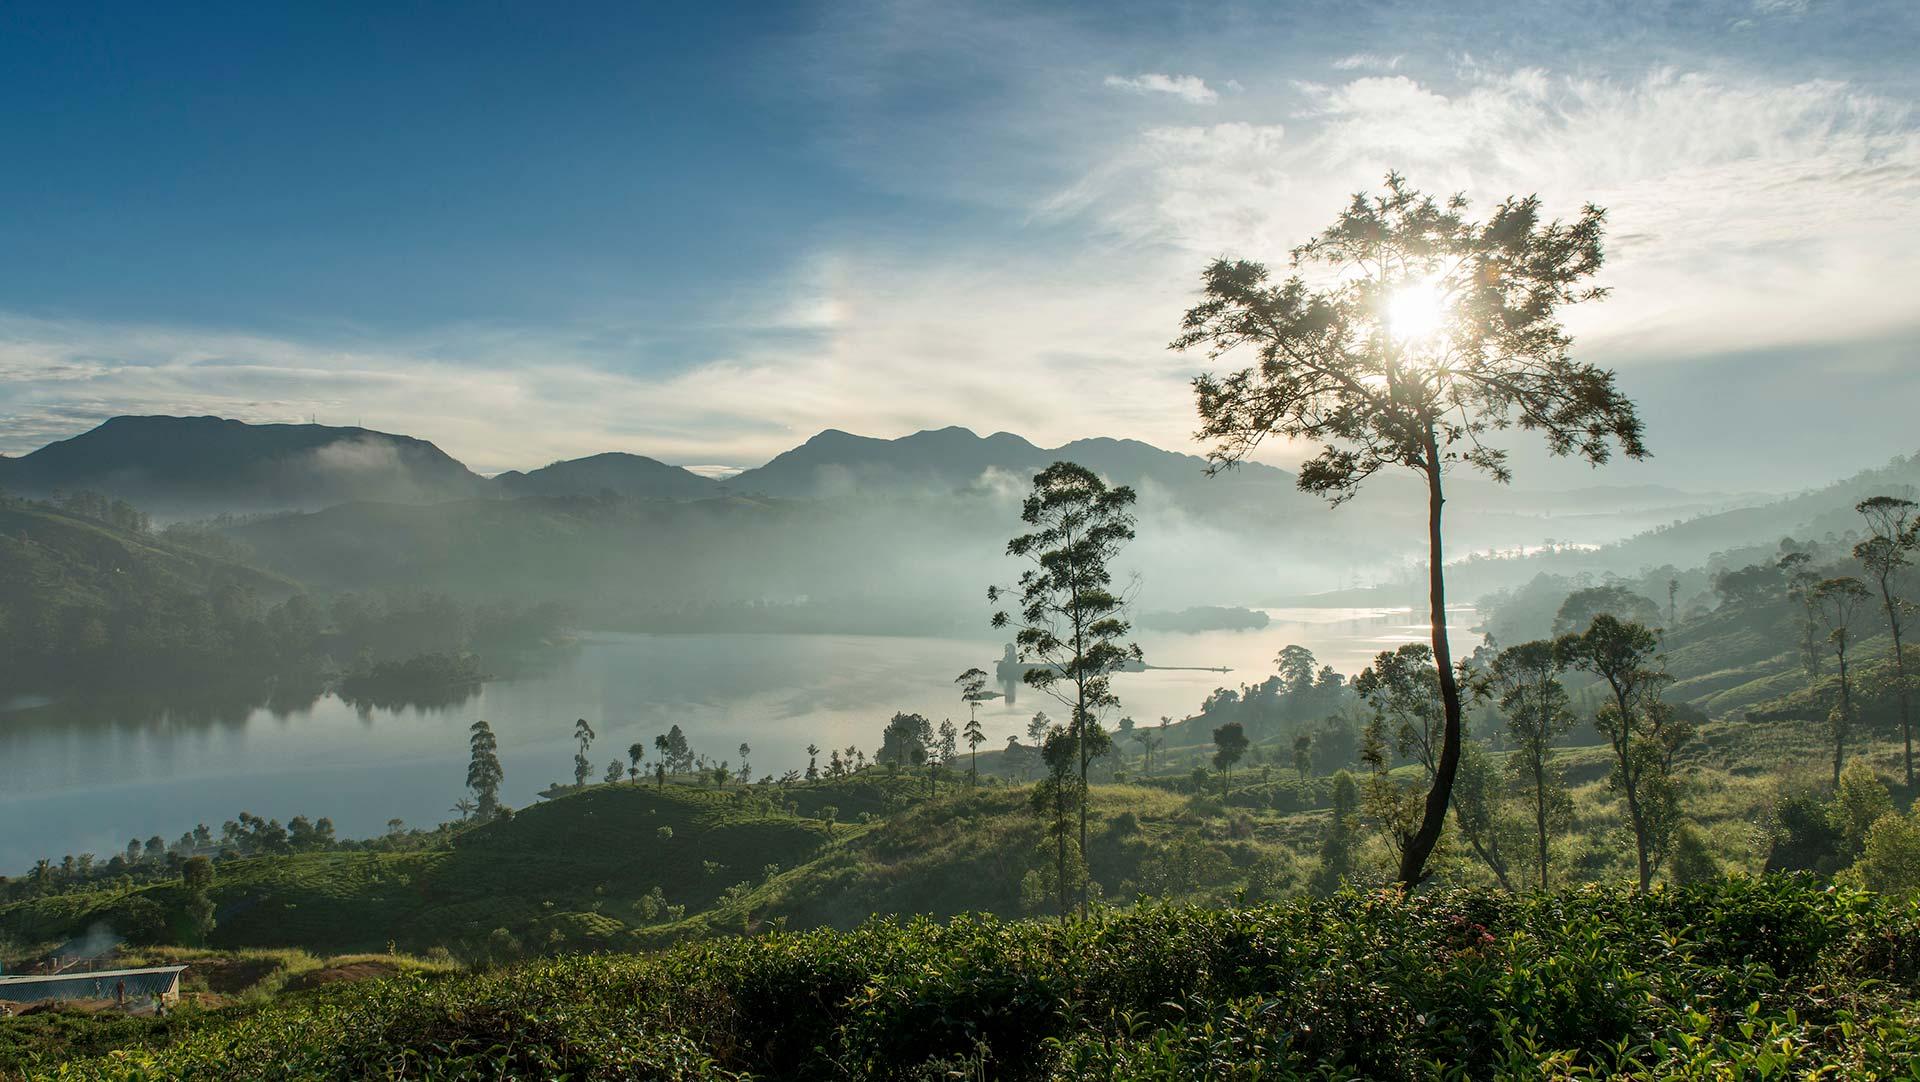 Castlereagh Lake in Sri Lanka's Tea Country